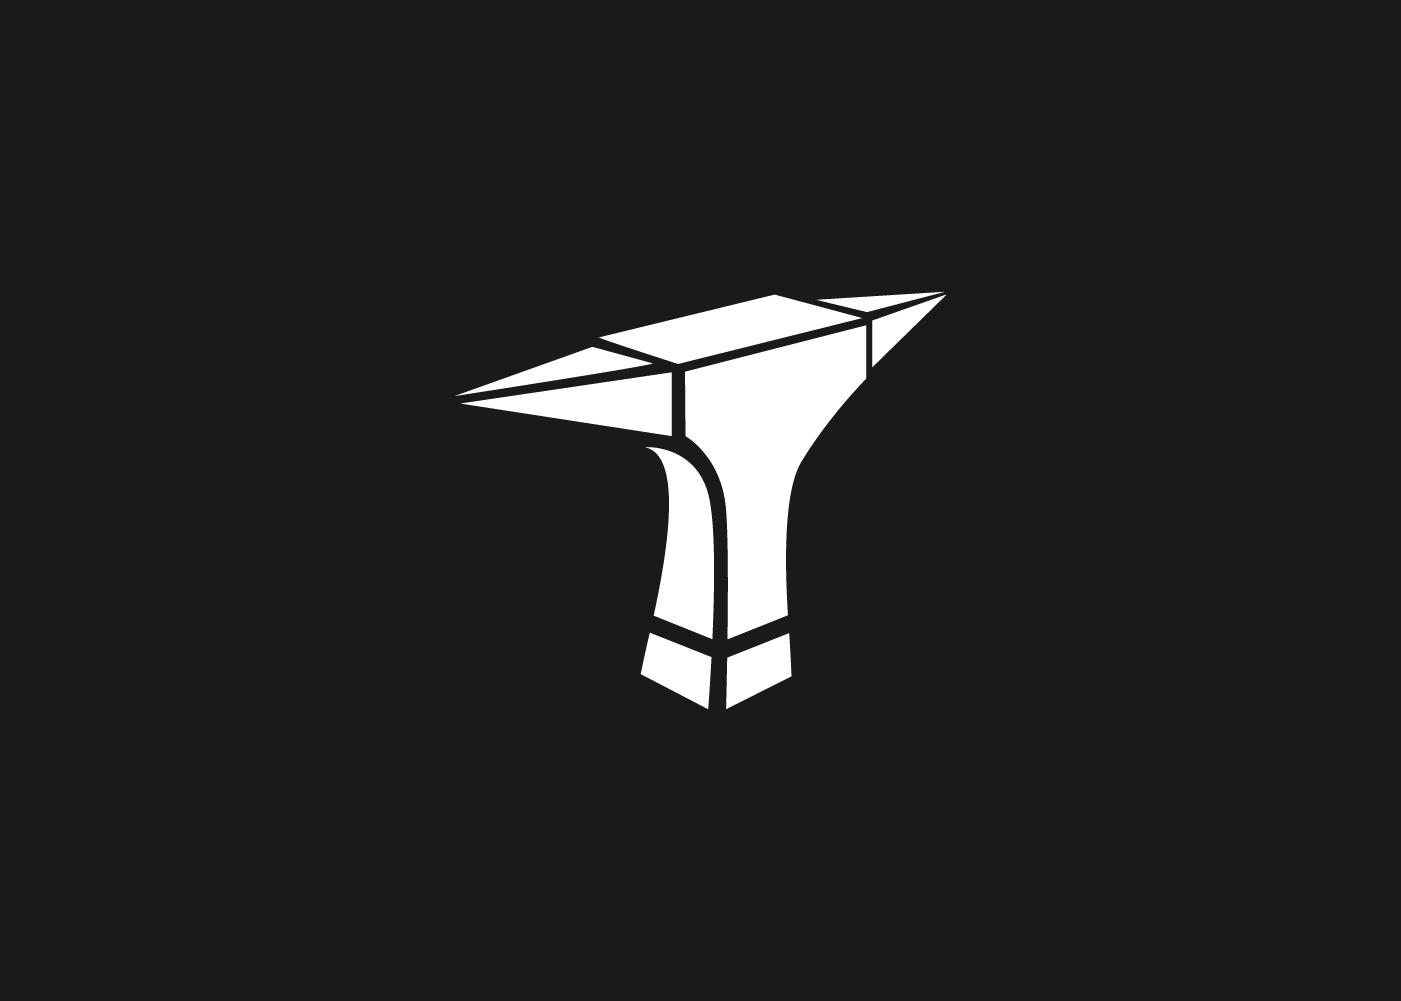 diseño logo escultor en acero